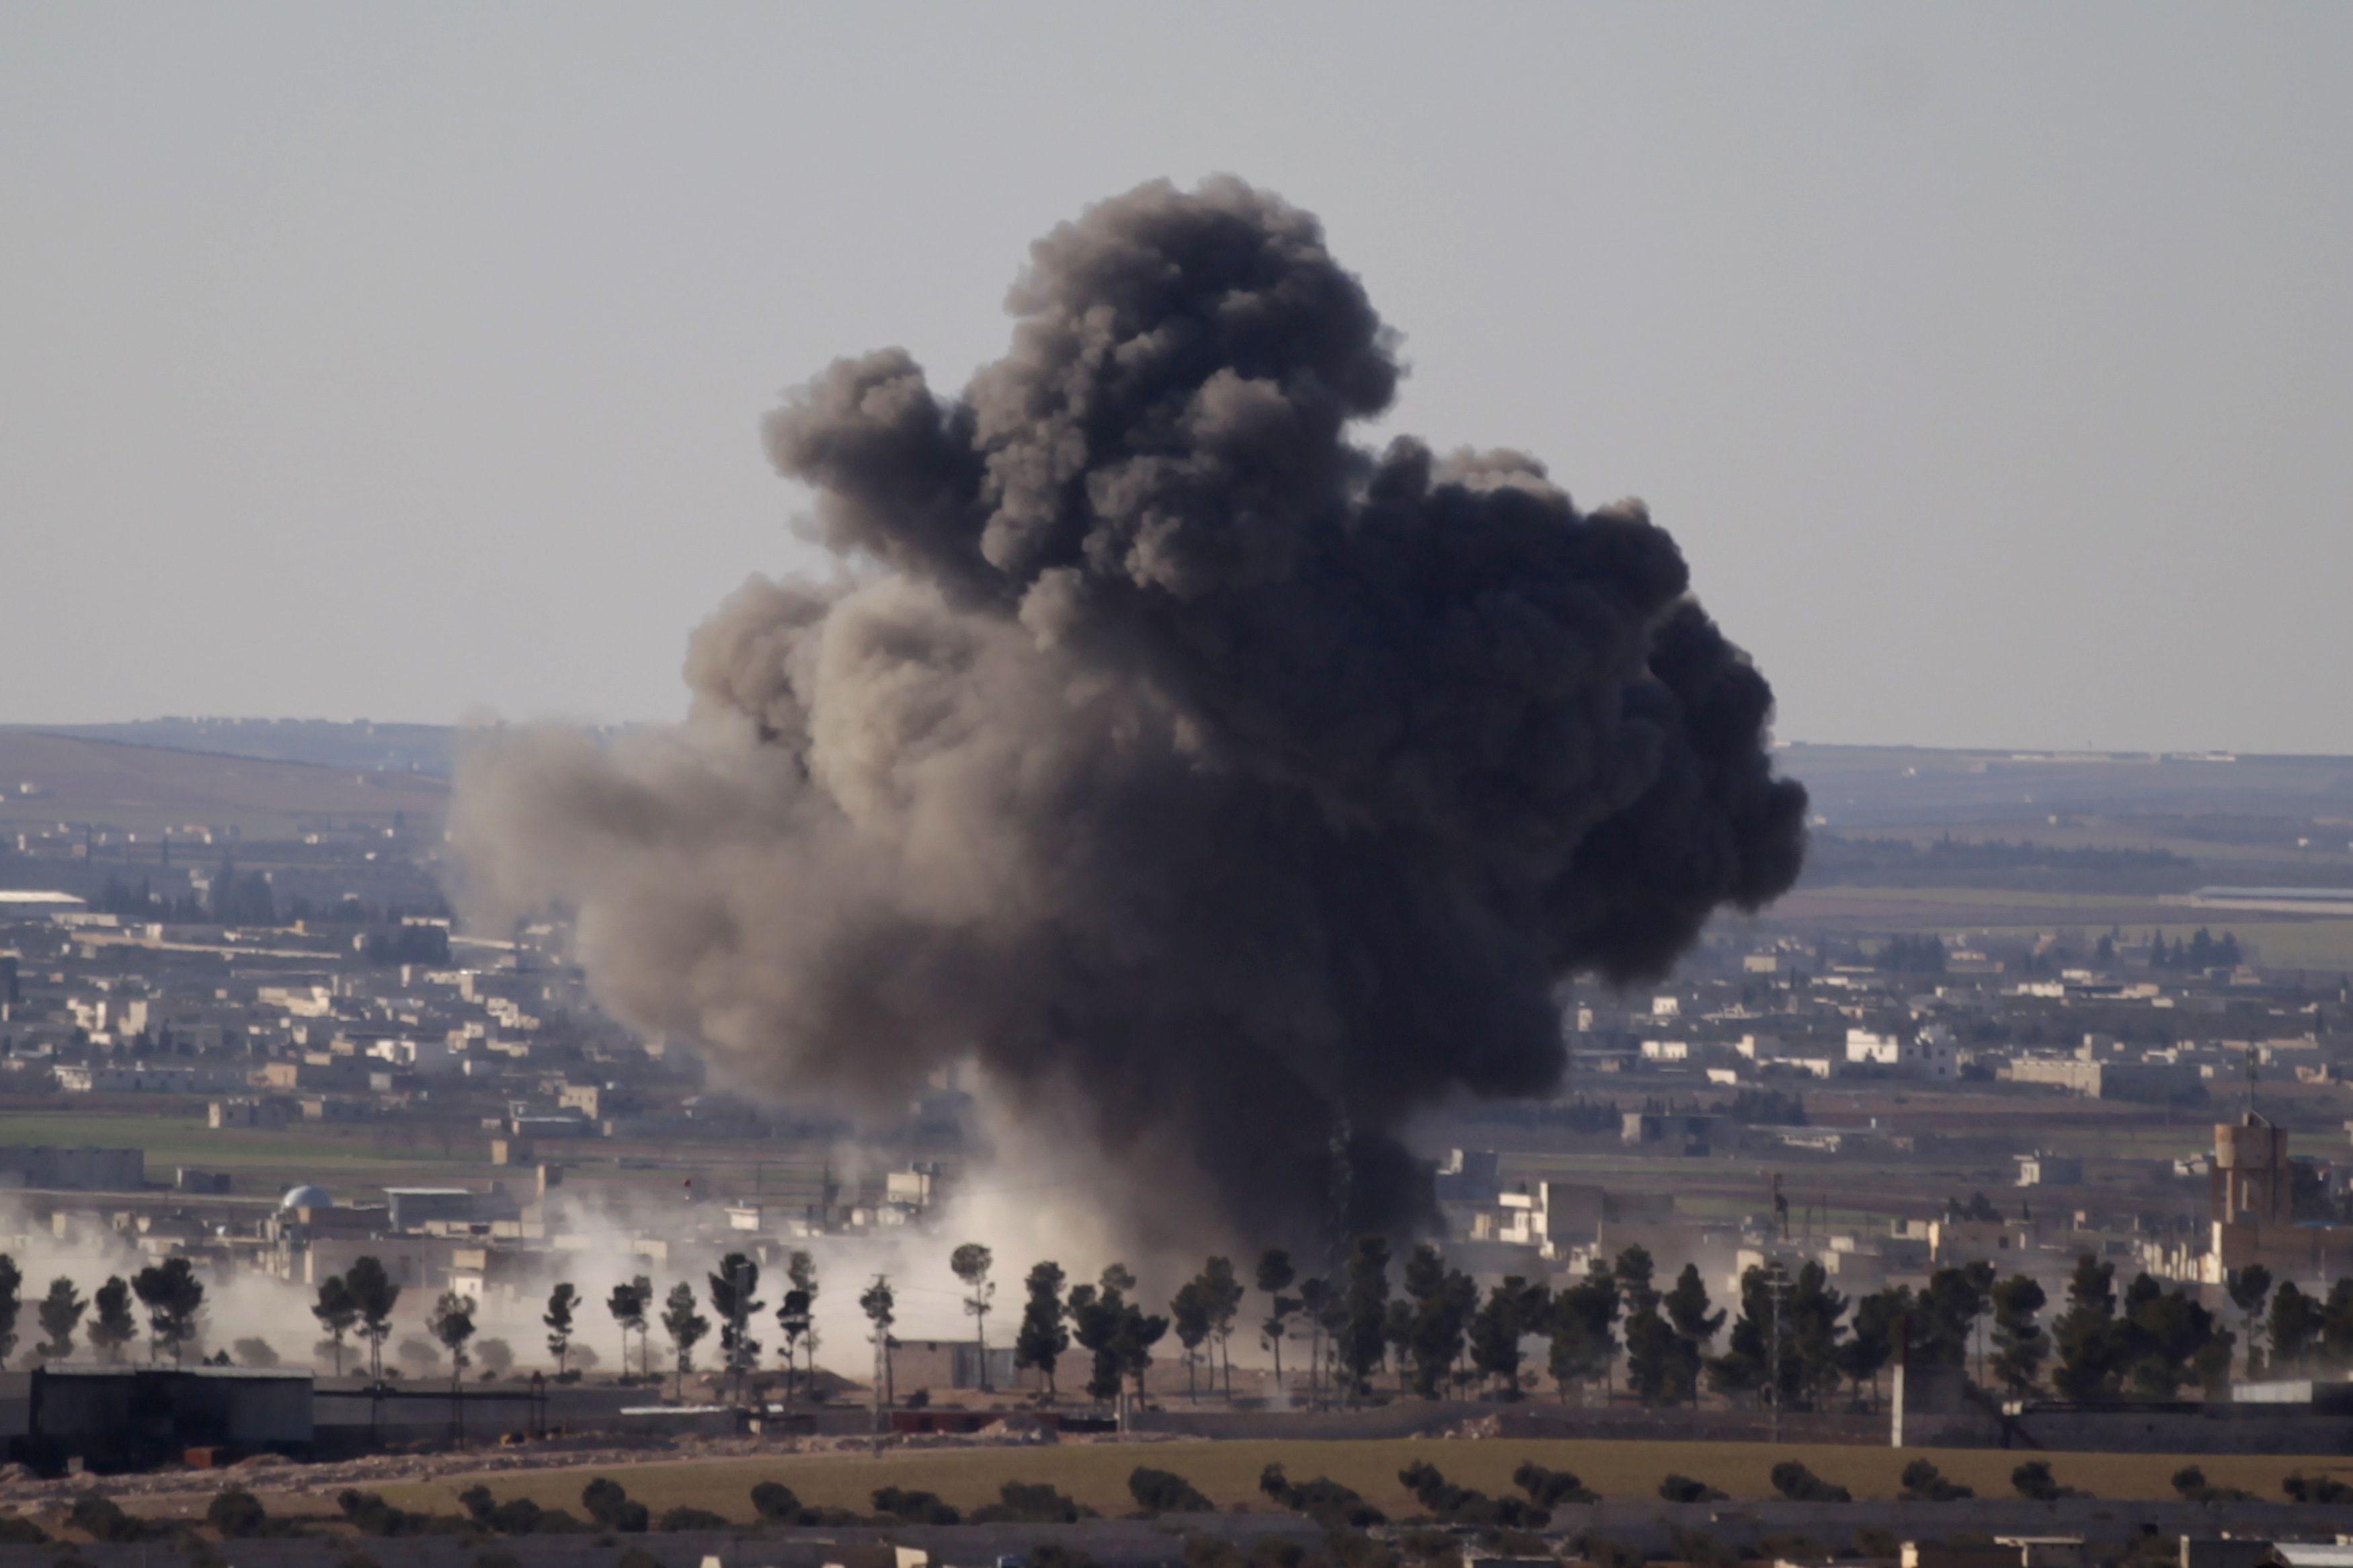 Fumaça na cidade síria de al-Bab; muitas pessoas tiveram ferimentos graves / Khalil Ashawi/Reuters